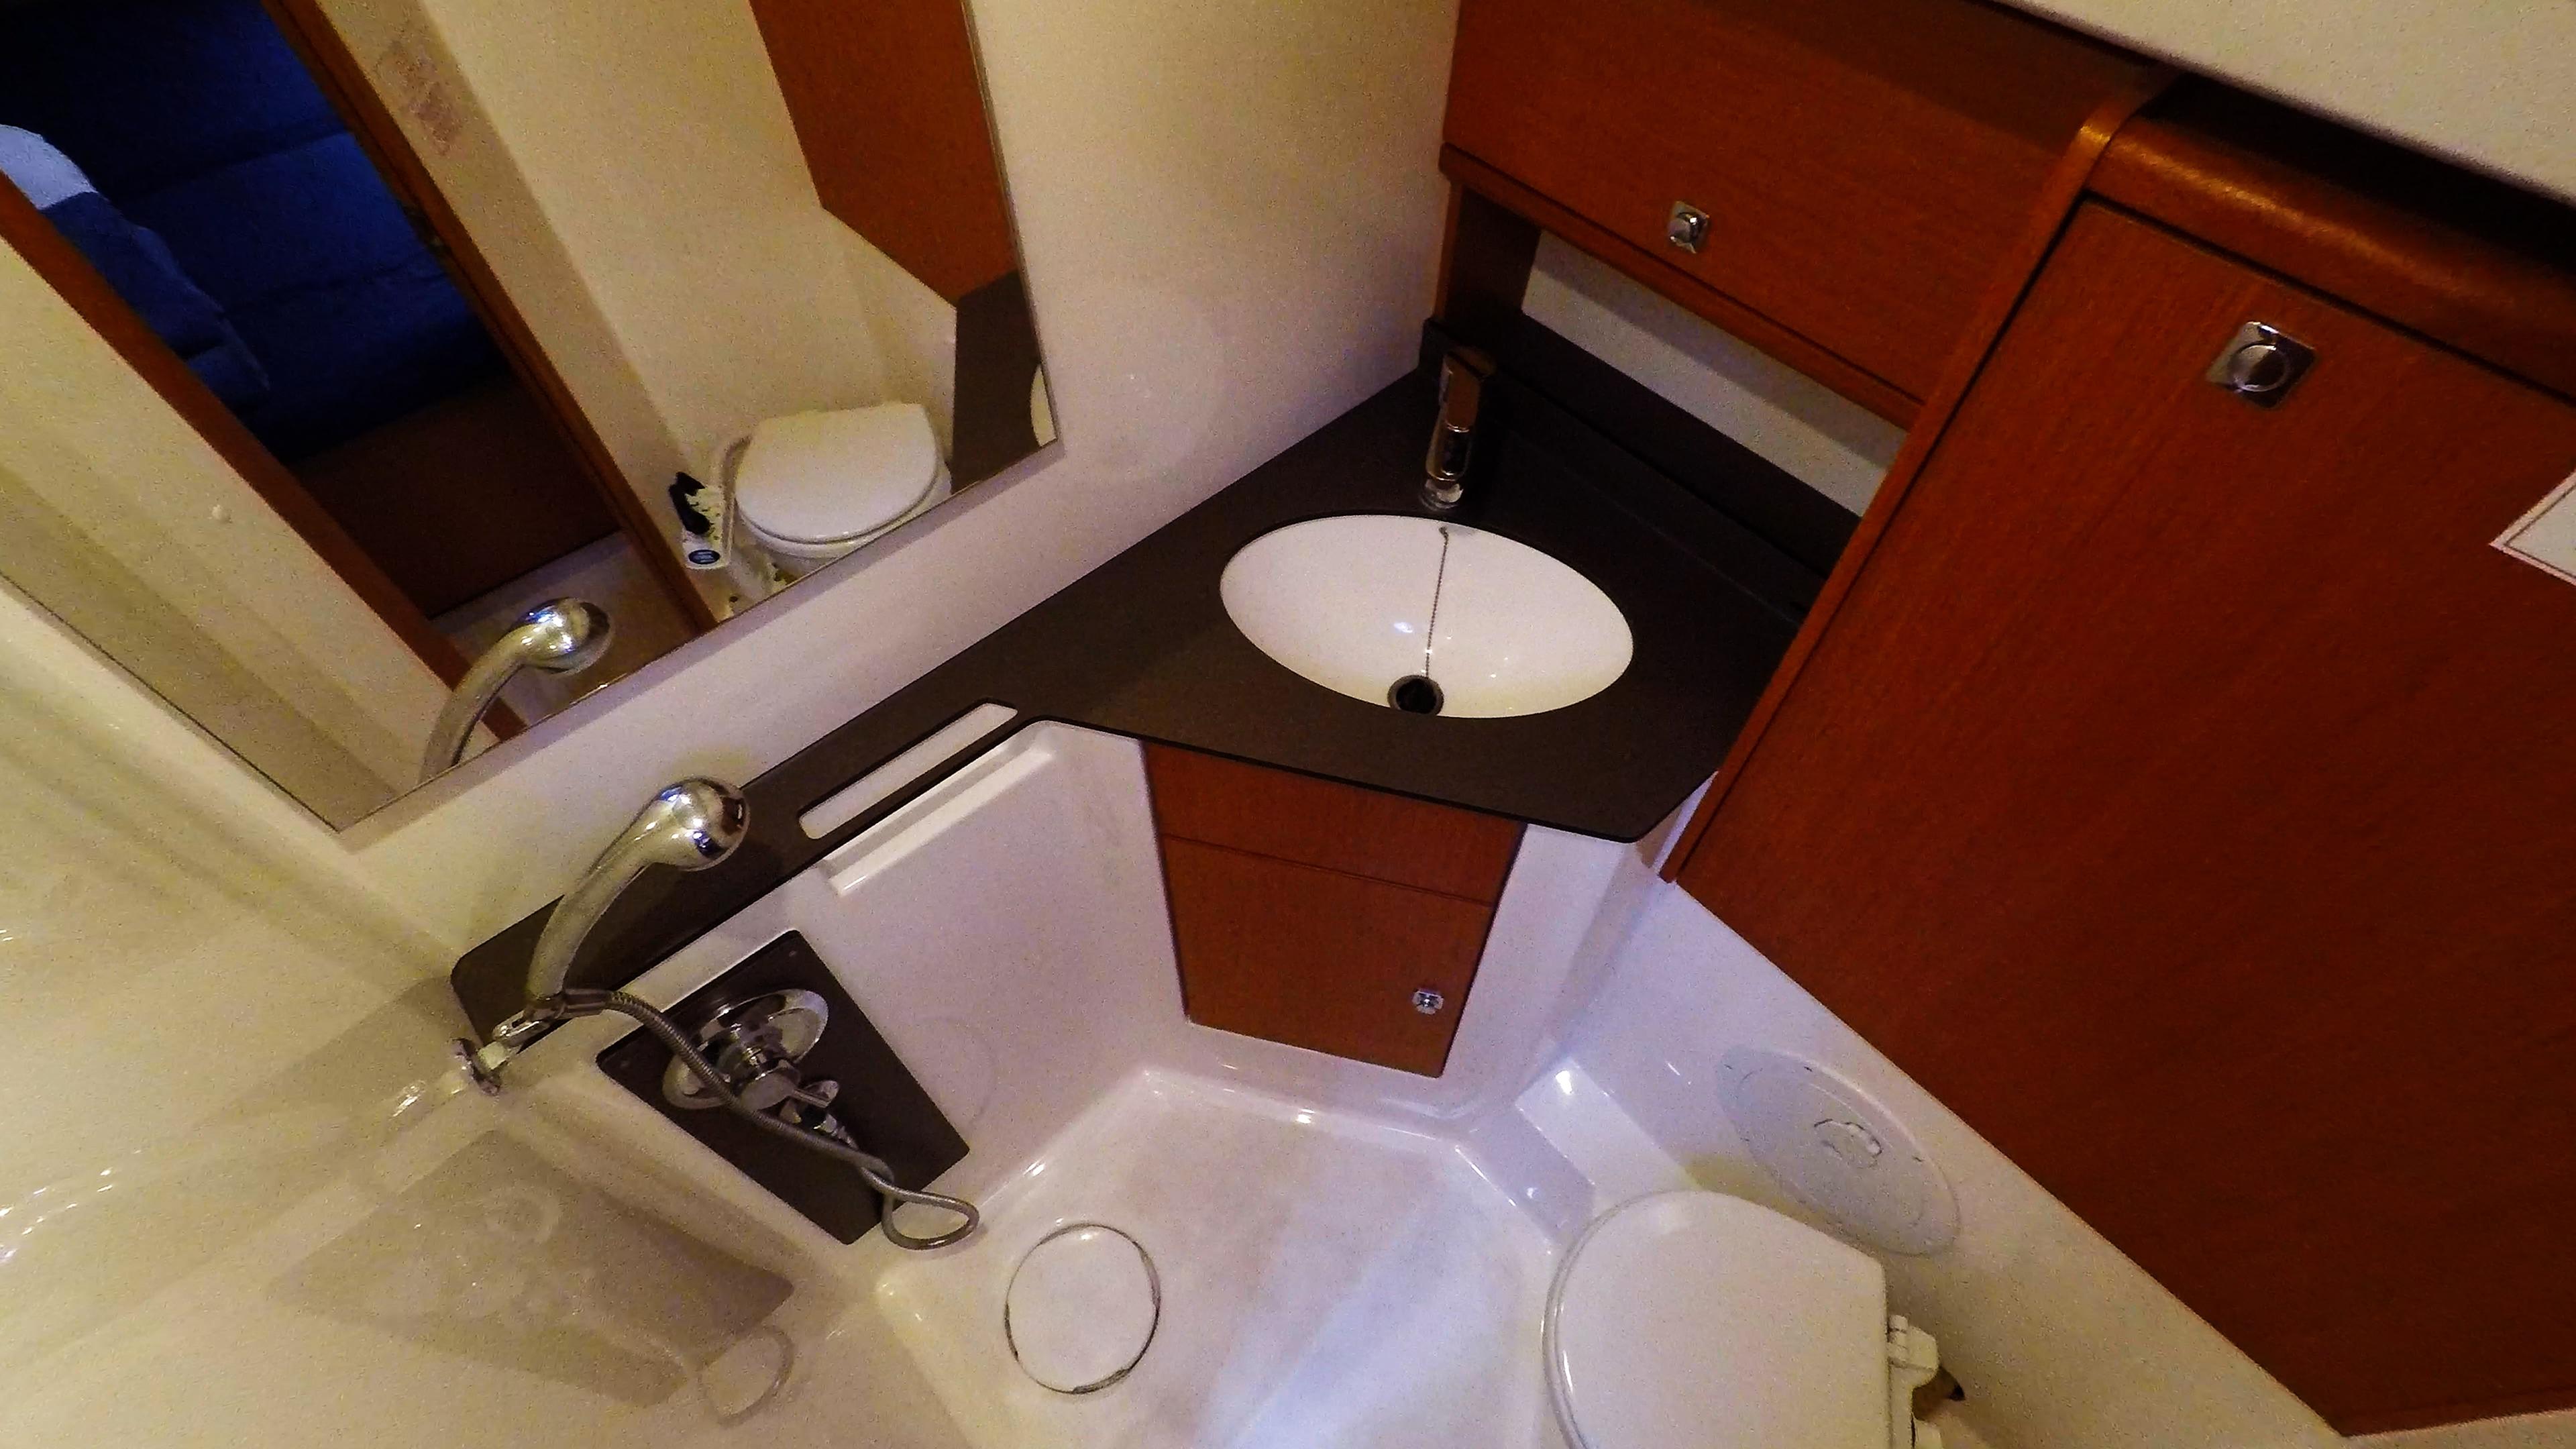 Segelyacht bavaria 46 cruiser Segelyacht Innere zurück Achter Toilette Toilette Dusche